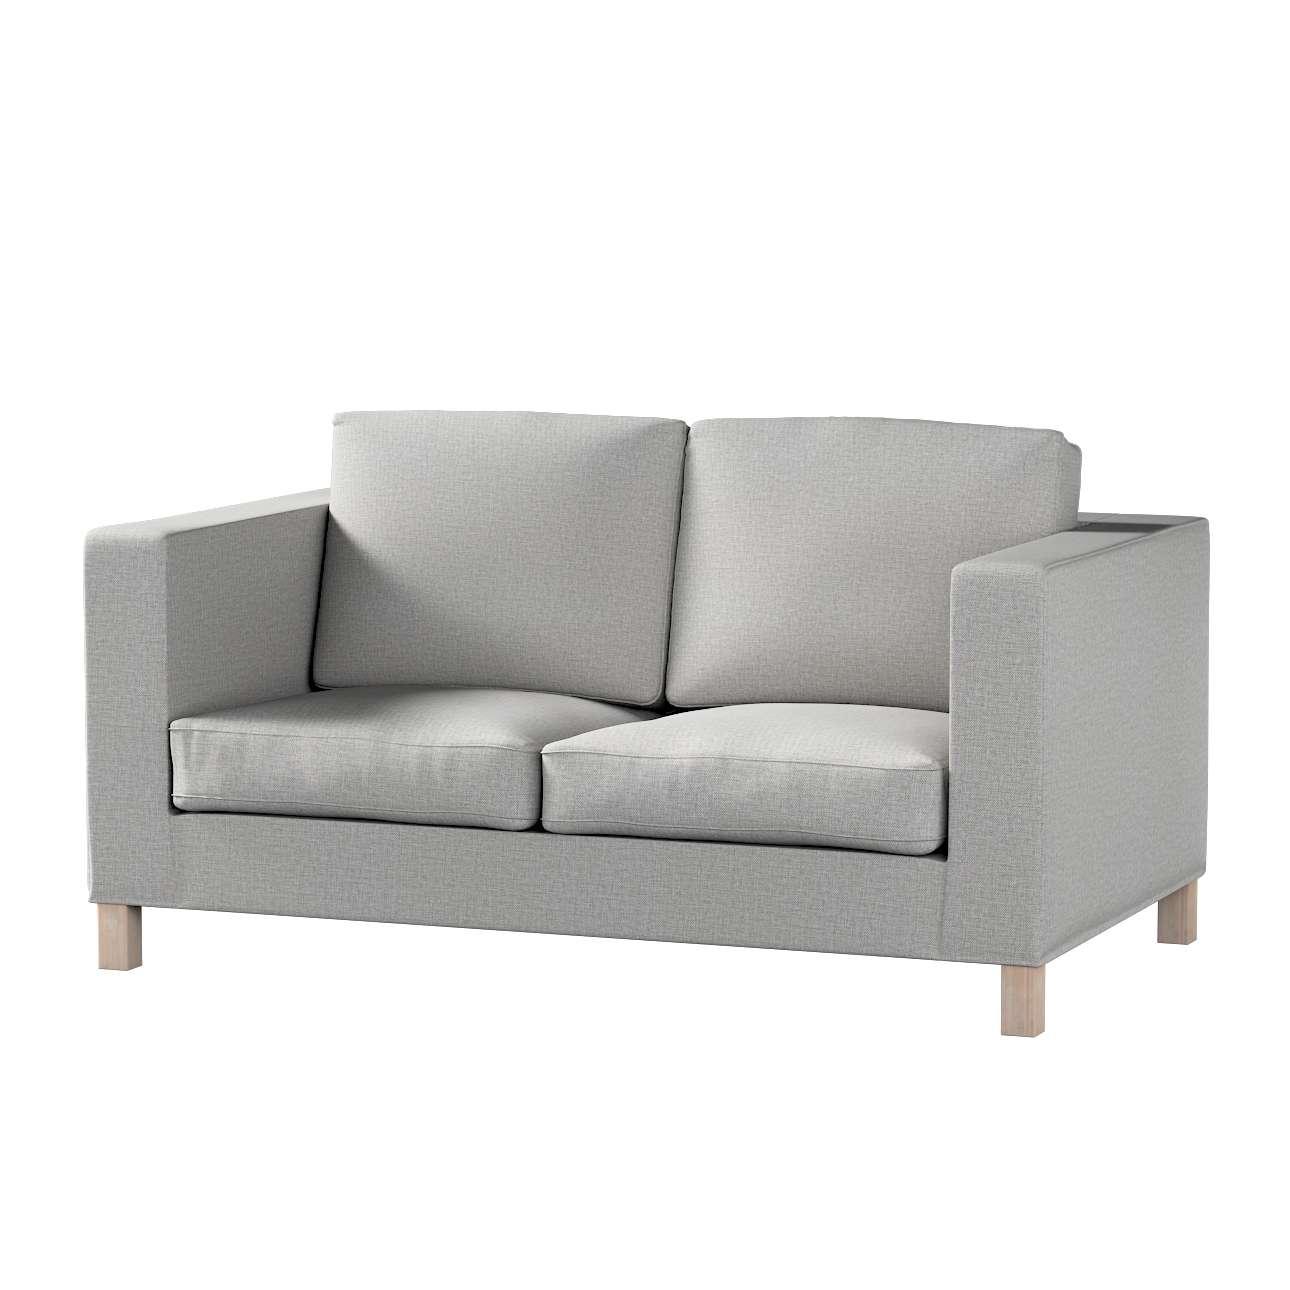 Karlanda klädsel<br>2-sits soffa - kort klädsel i kollektionen Living 2, Tyg: 160-89